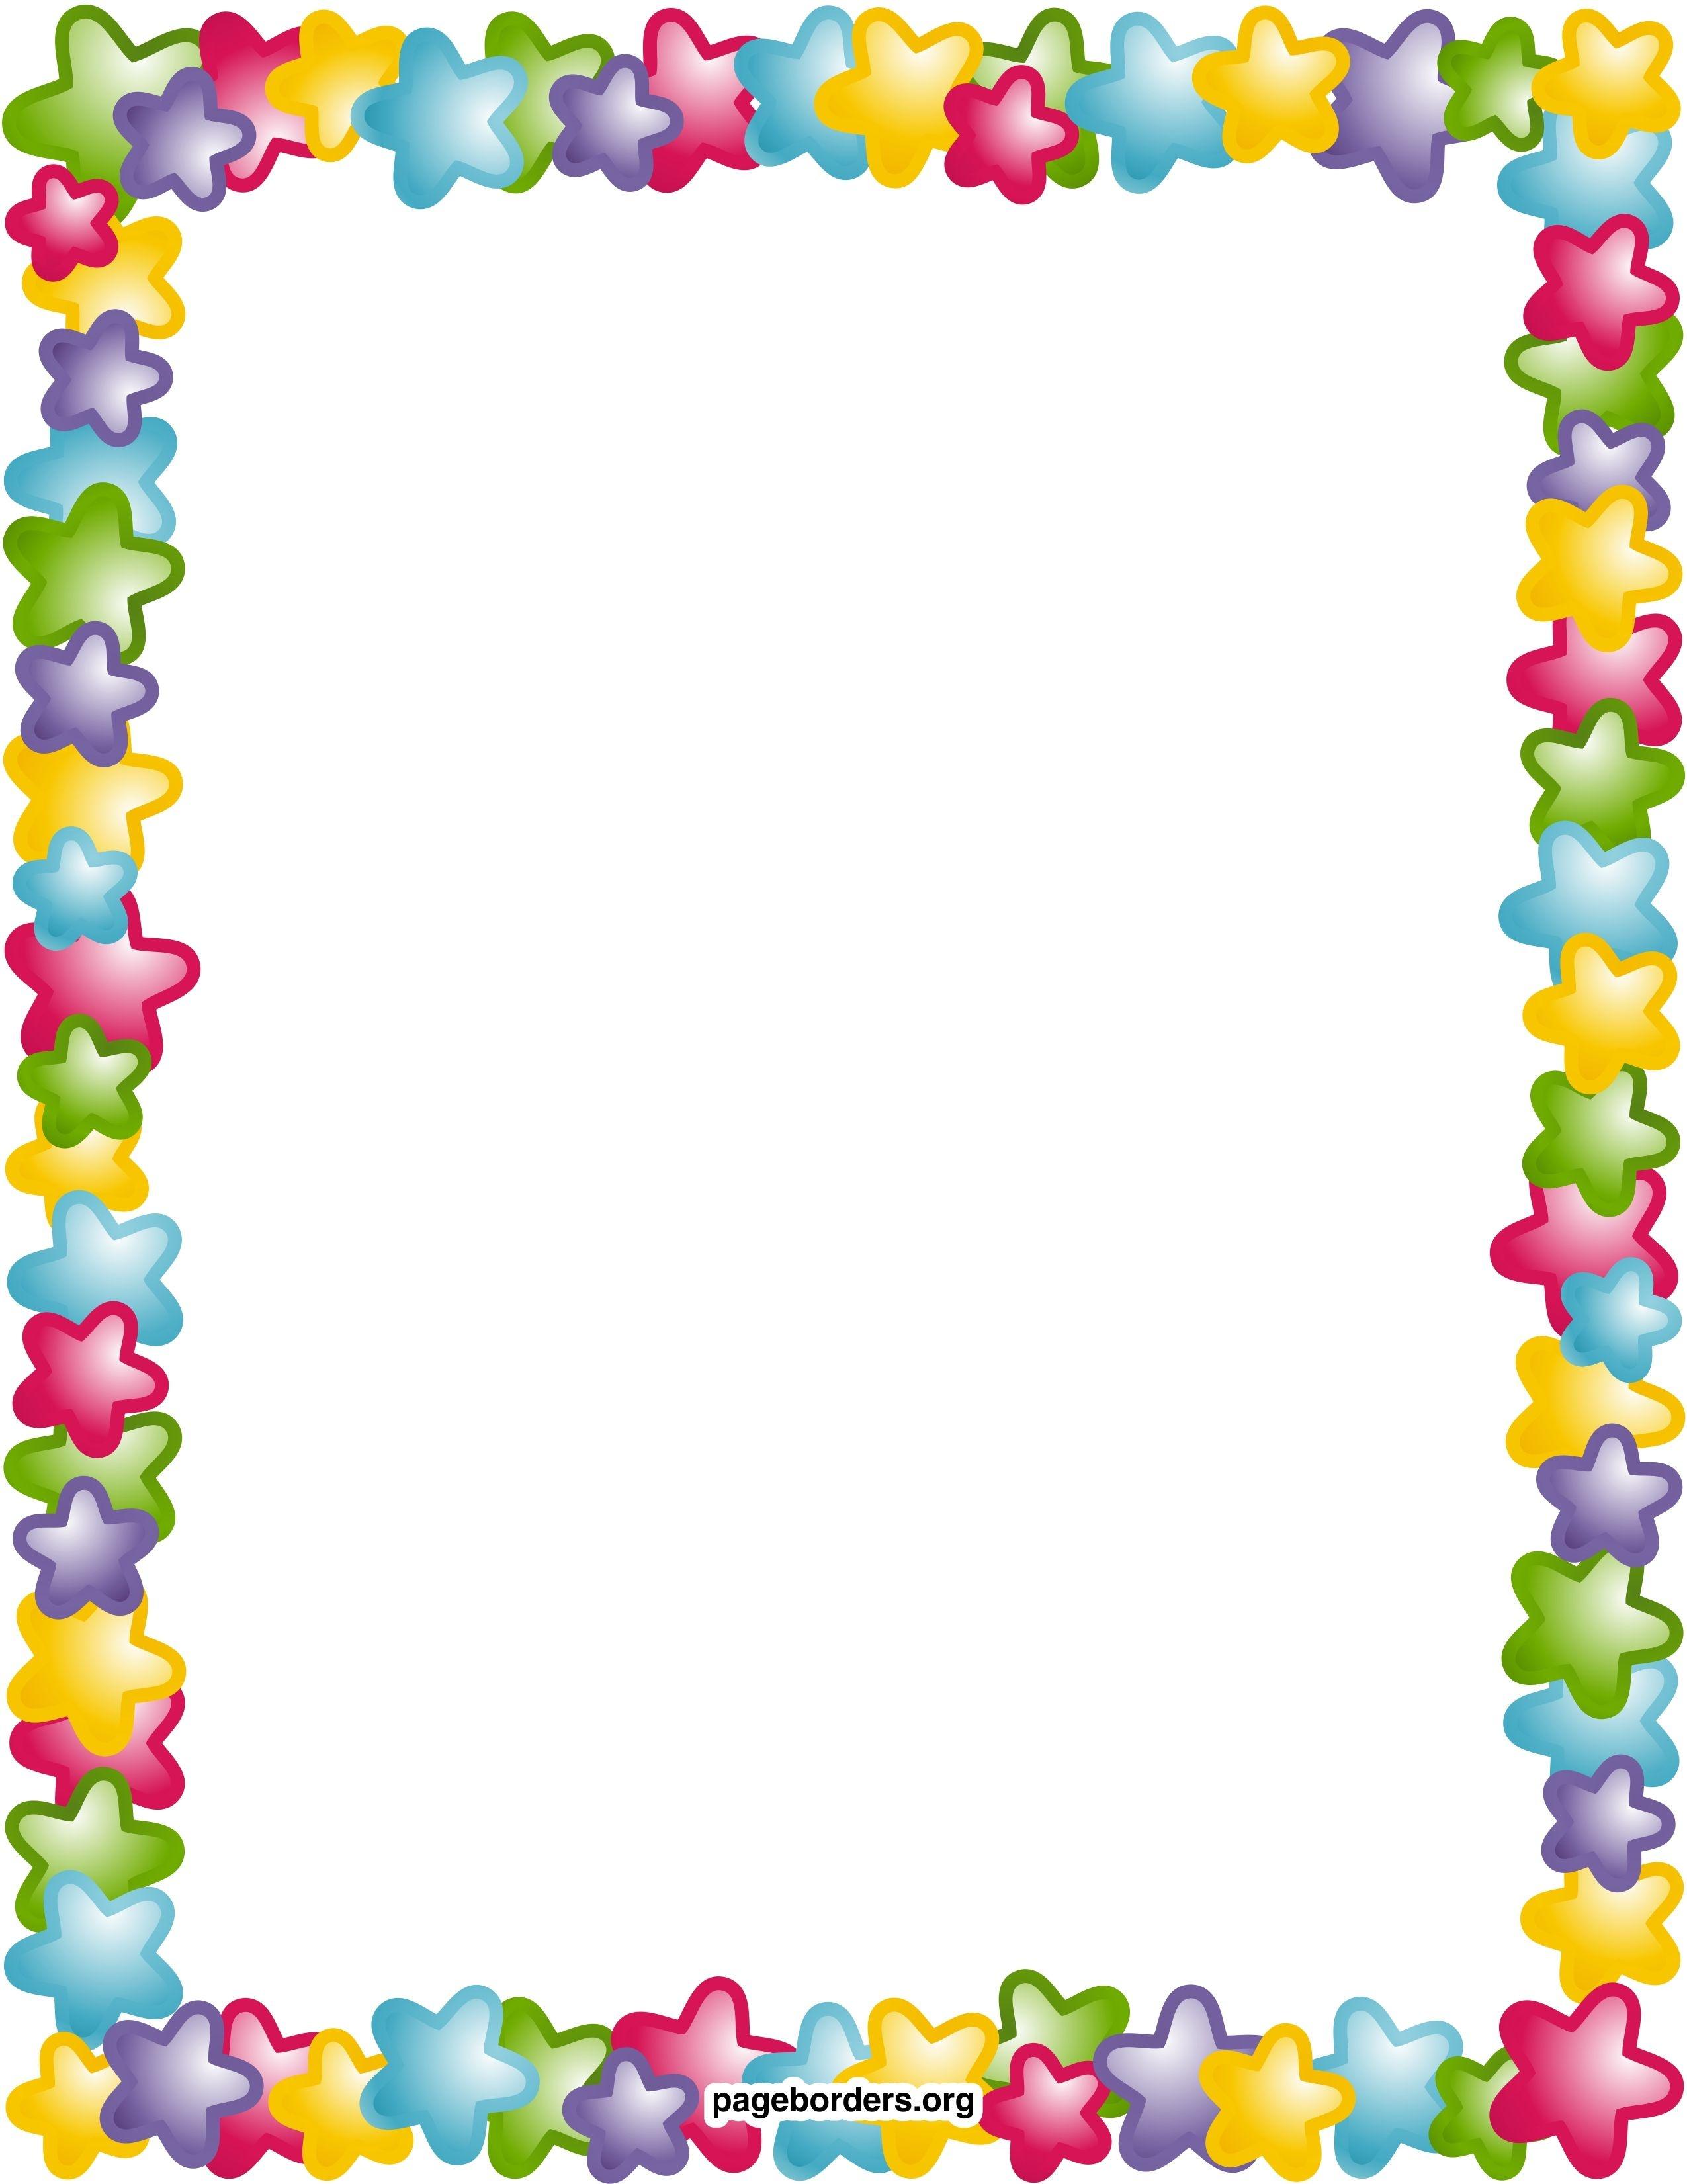 Free Printable Page Borders And Frames Image Gallery - Photonesta - Free Printable Page Borders